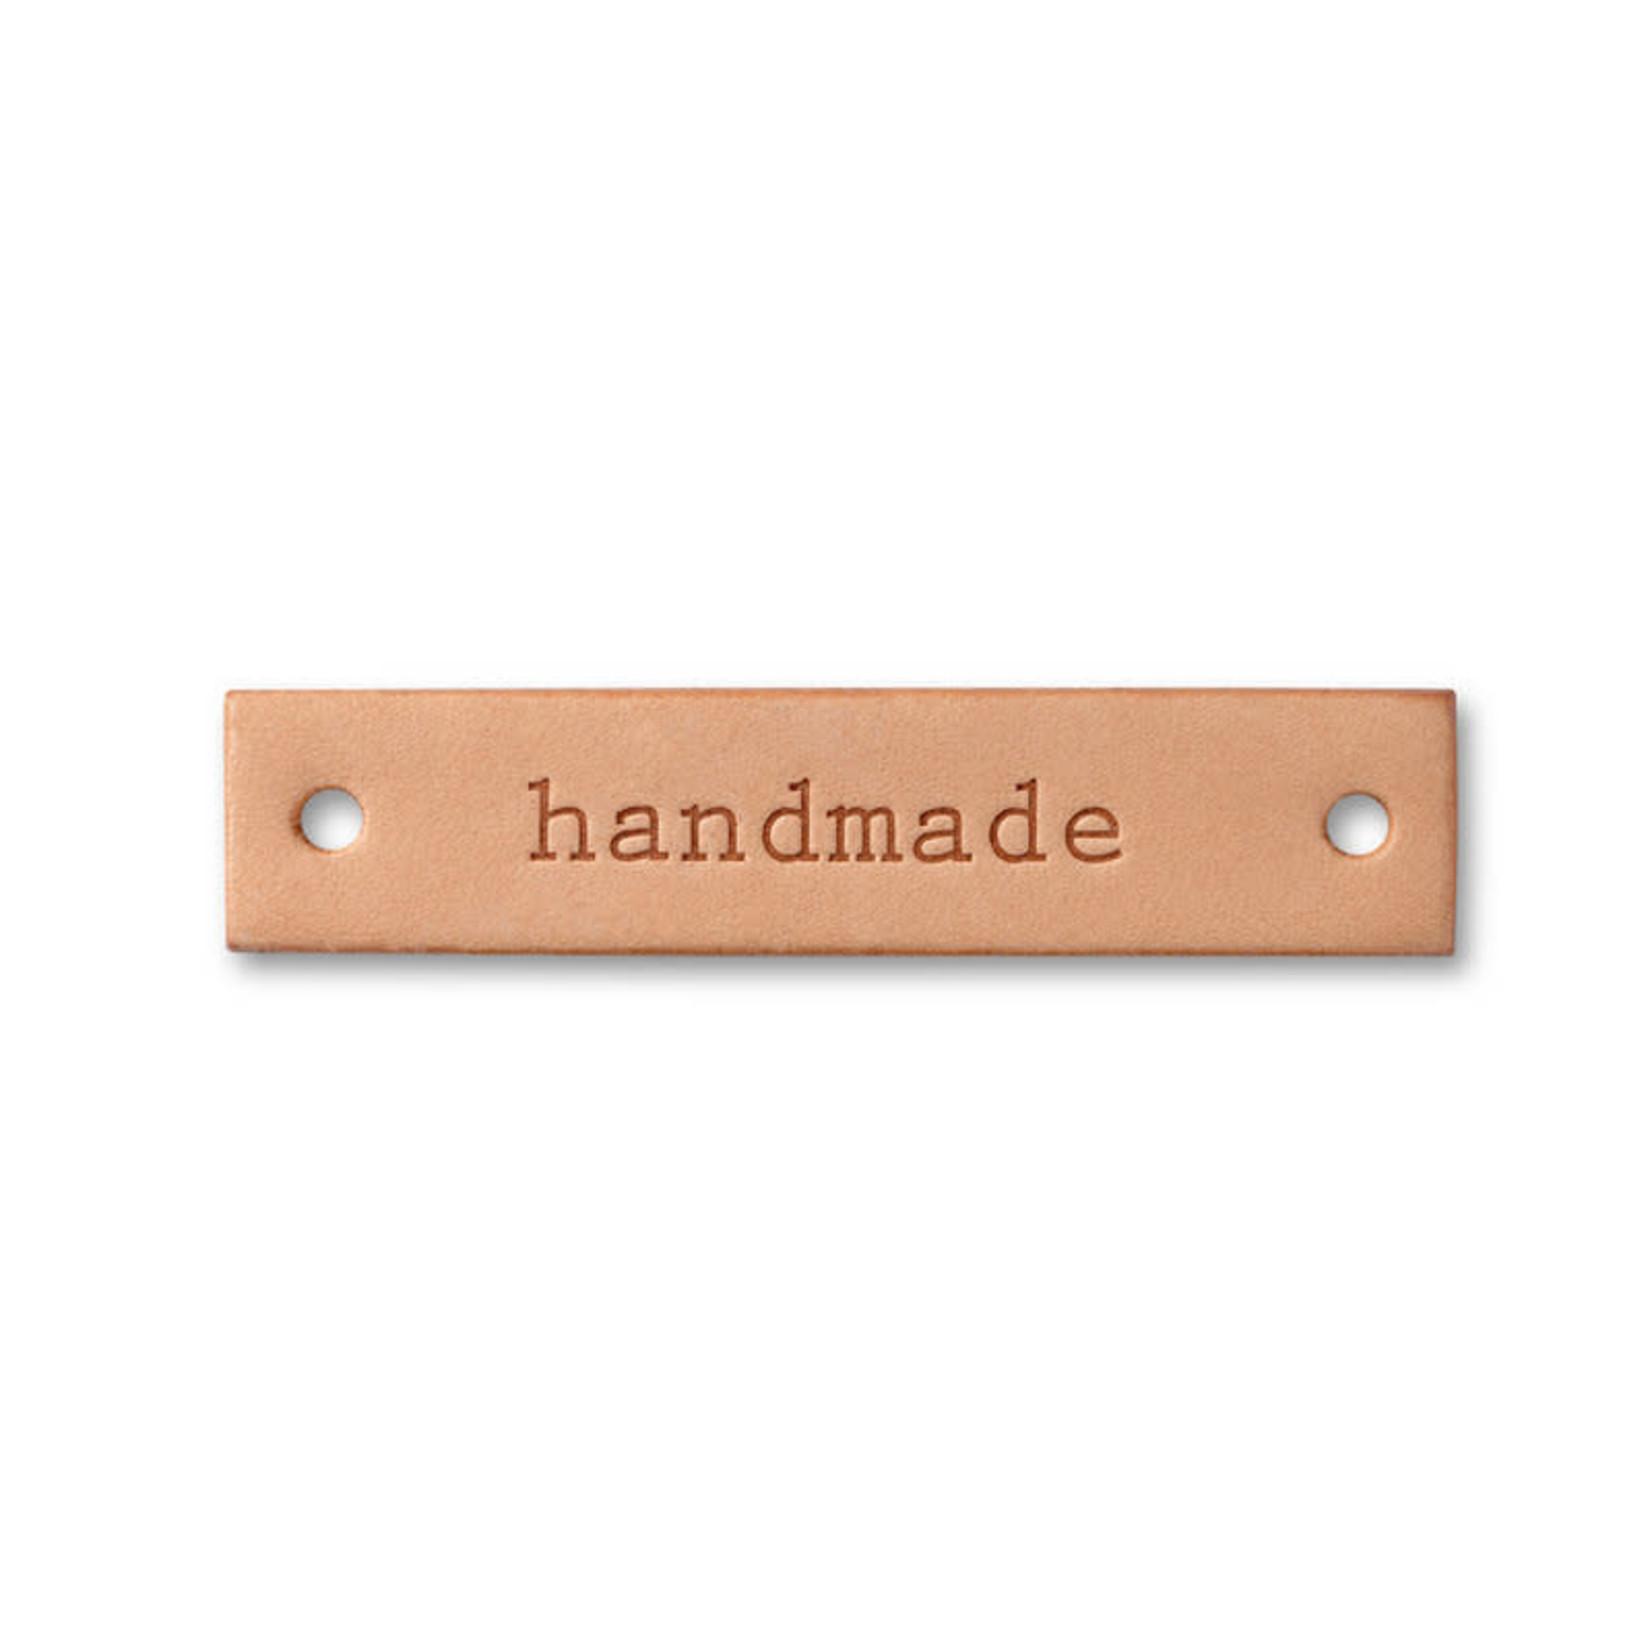 """Prym Prym """"Handmade"""" Leather Label"""